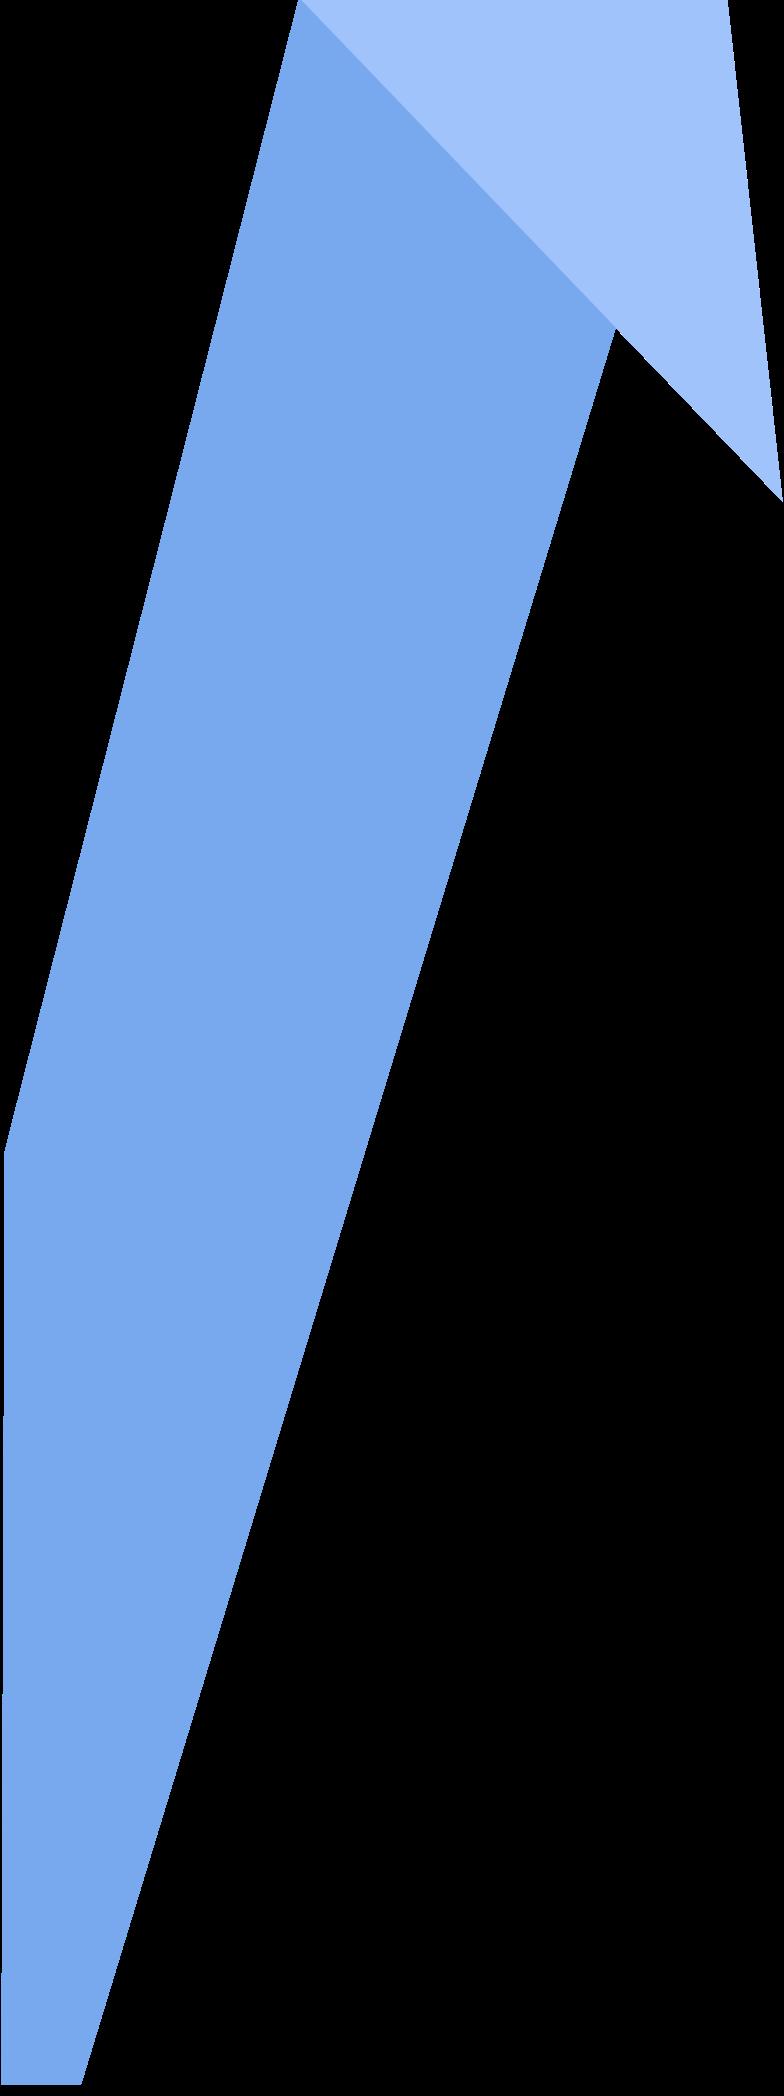 sedge leaf Clipart illustration in PNG, SVG